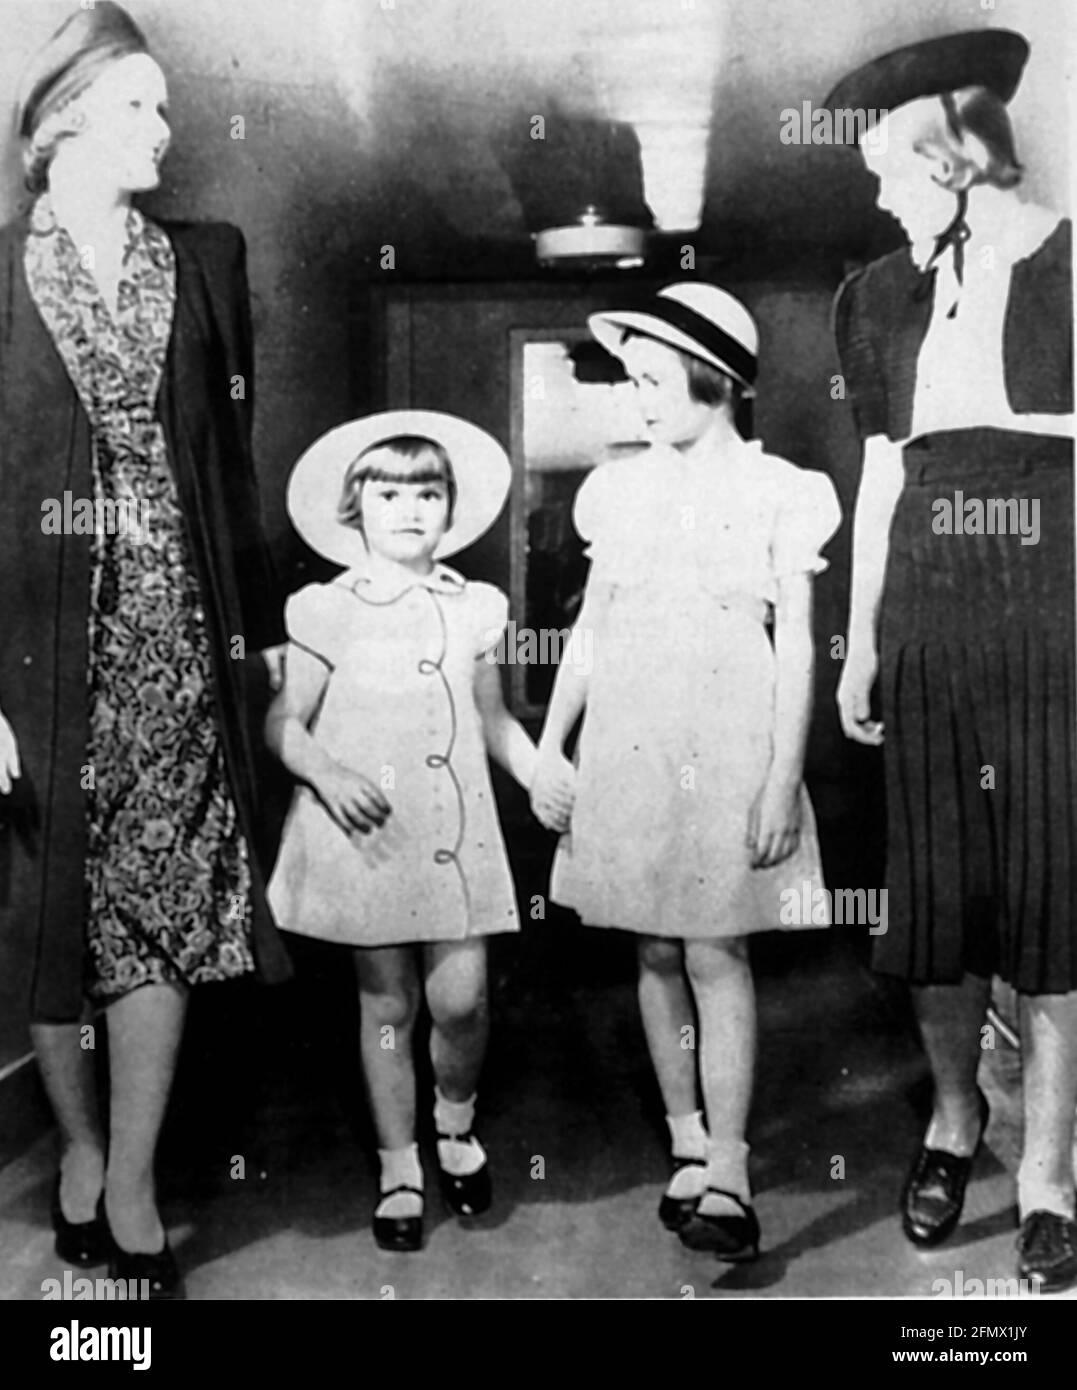 Kelly, Grace, 12.11.1929 - 14.9.1982, actrice américaine, pleine longueur, (2e de droite), image de l'enfant, INFO-DROITS-AUTORISATION-SUPPLÉMENTAIRES-NON-DISPONIBLE Banque D'Images